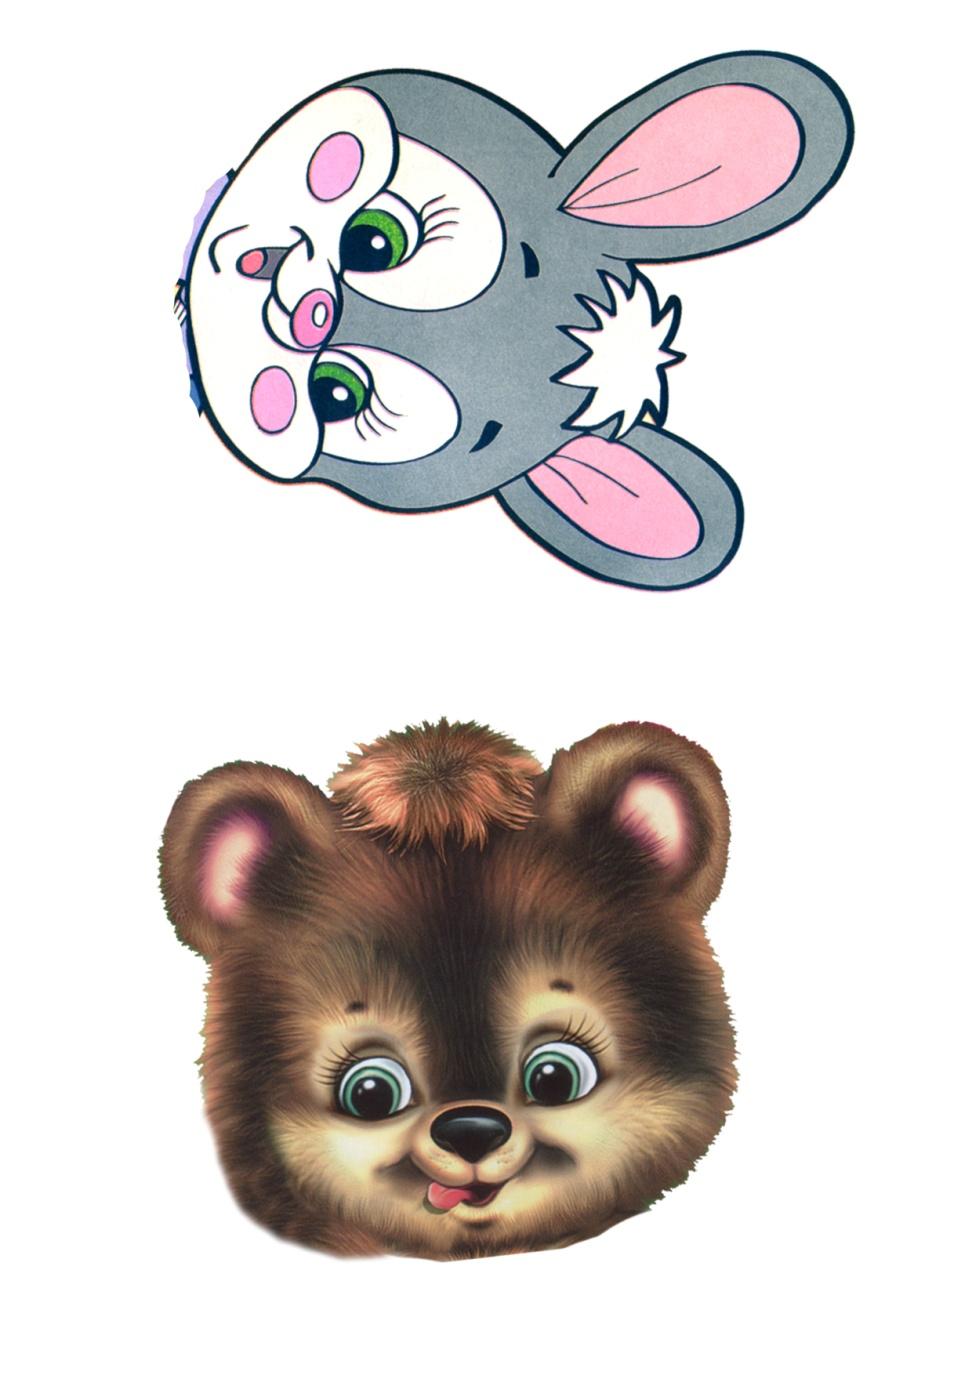 находитесь странице маска зайца для подвижных игр картинка человек